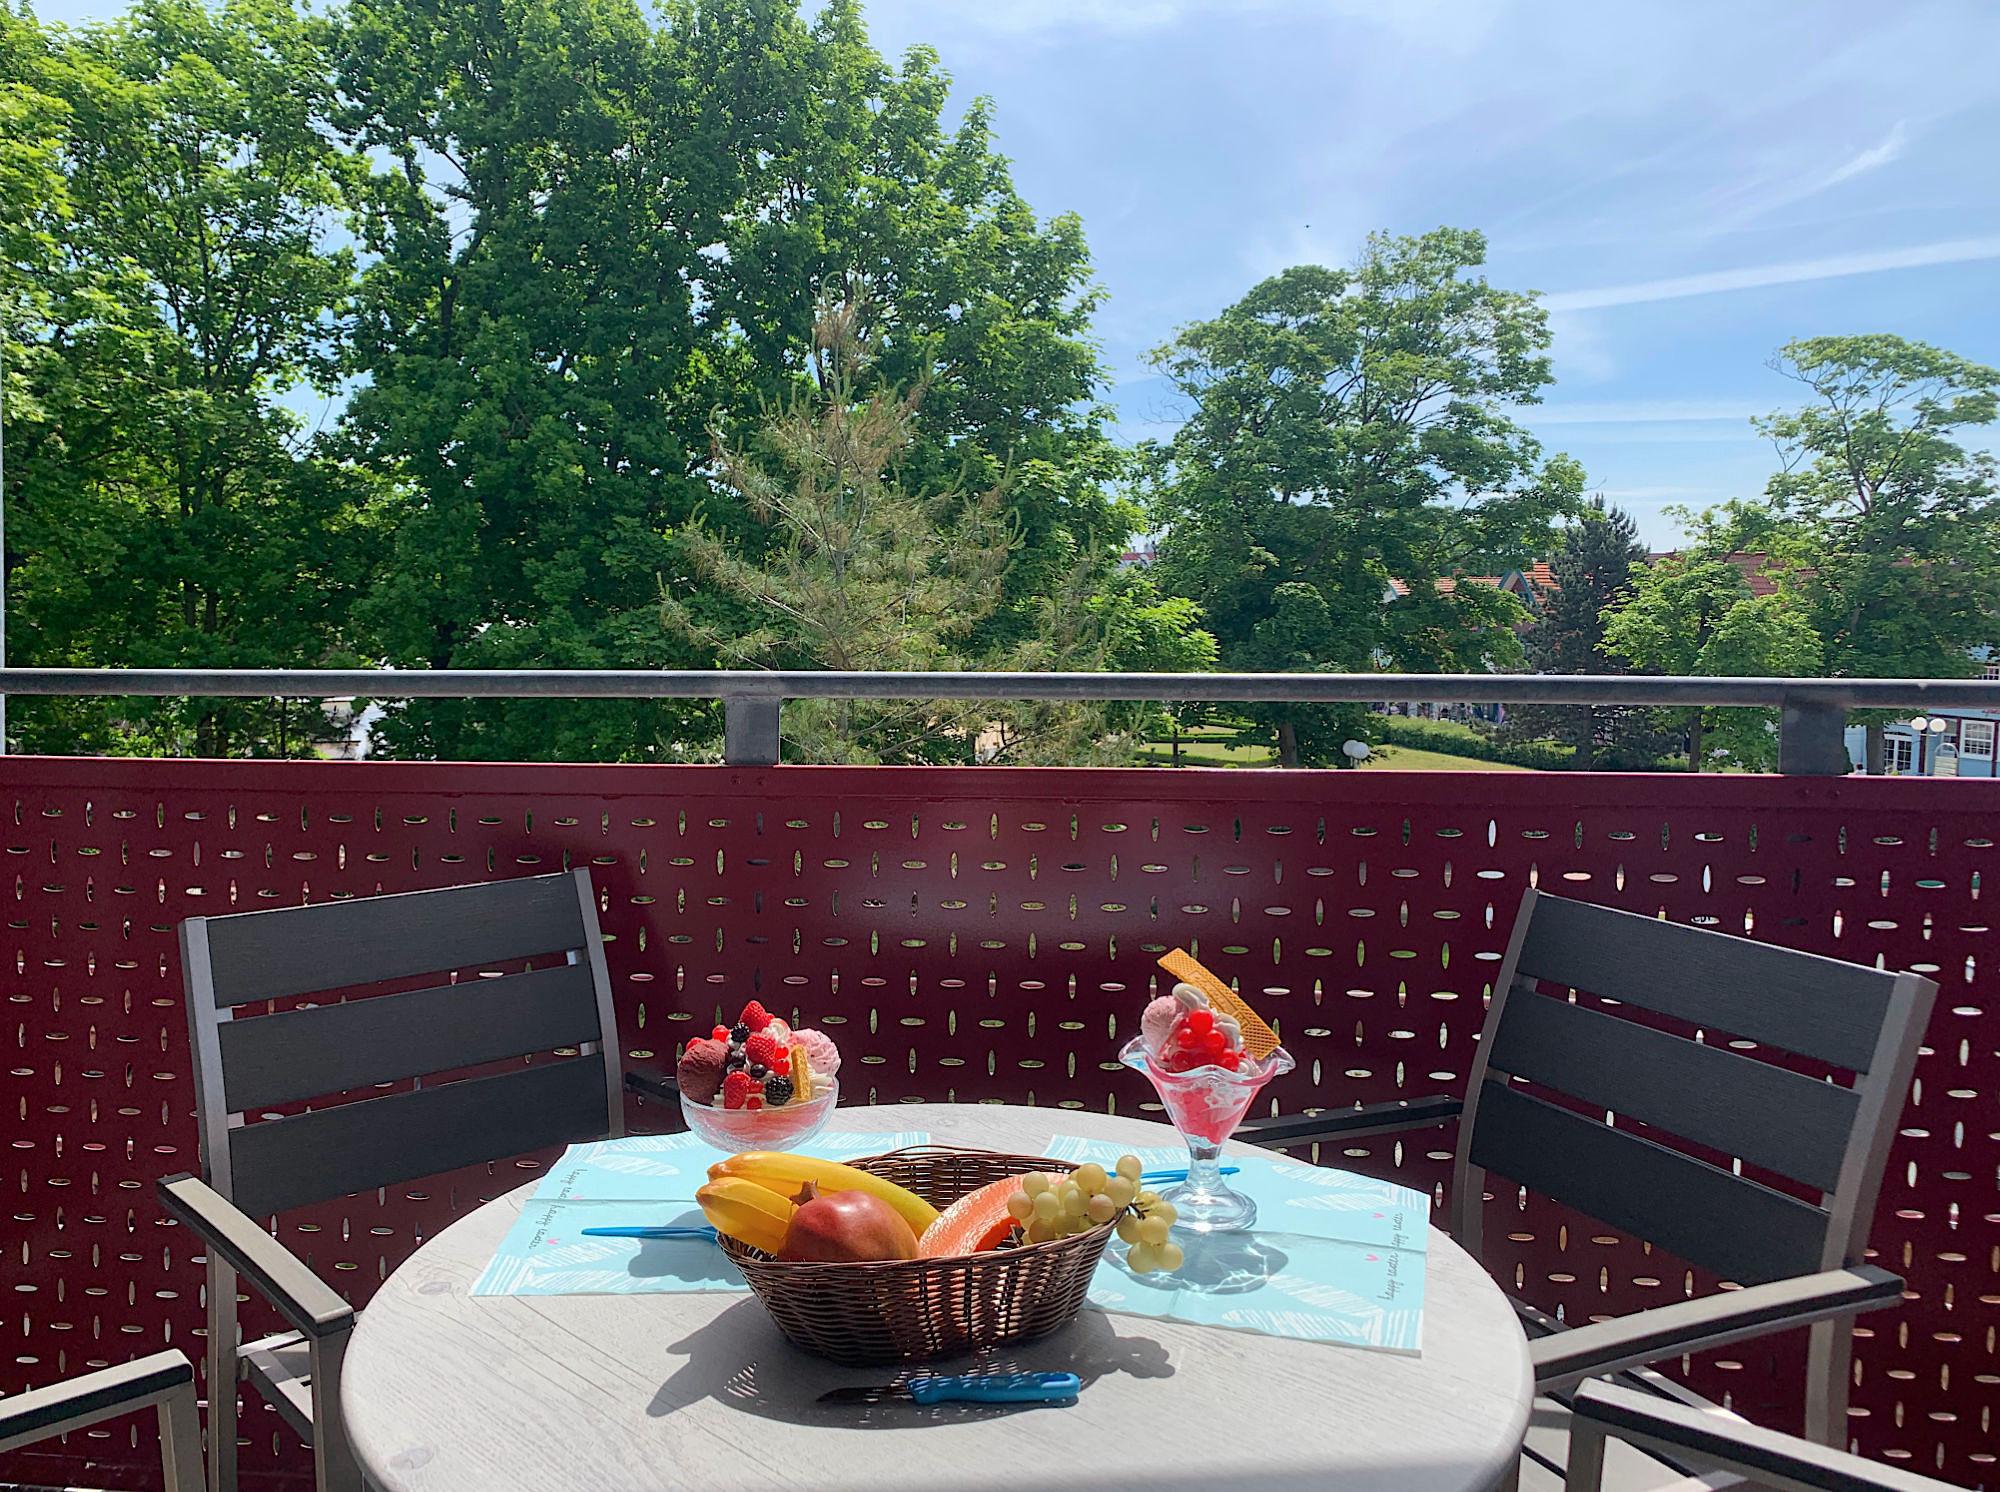 Balkon mit Tisch und Stühlen, Blick ins Grüne, im Hintergrund ist der Kurpark zu sehen